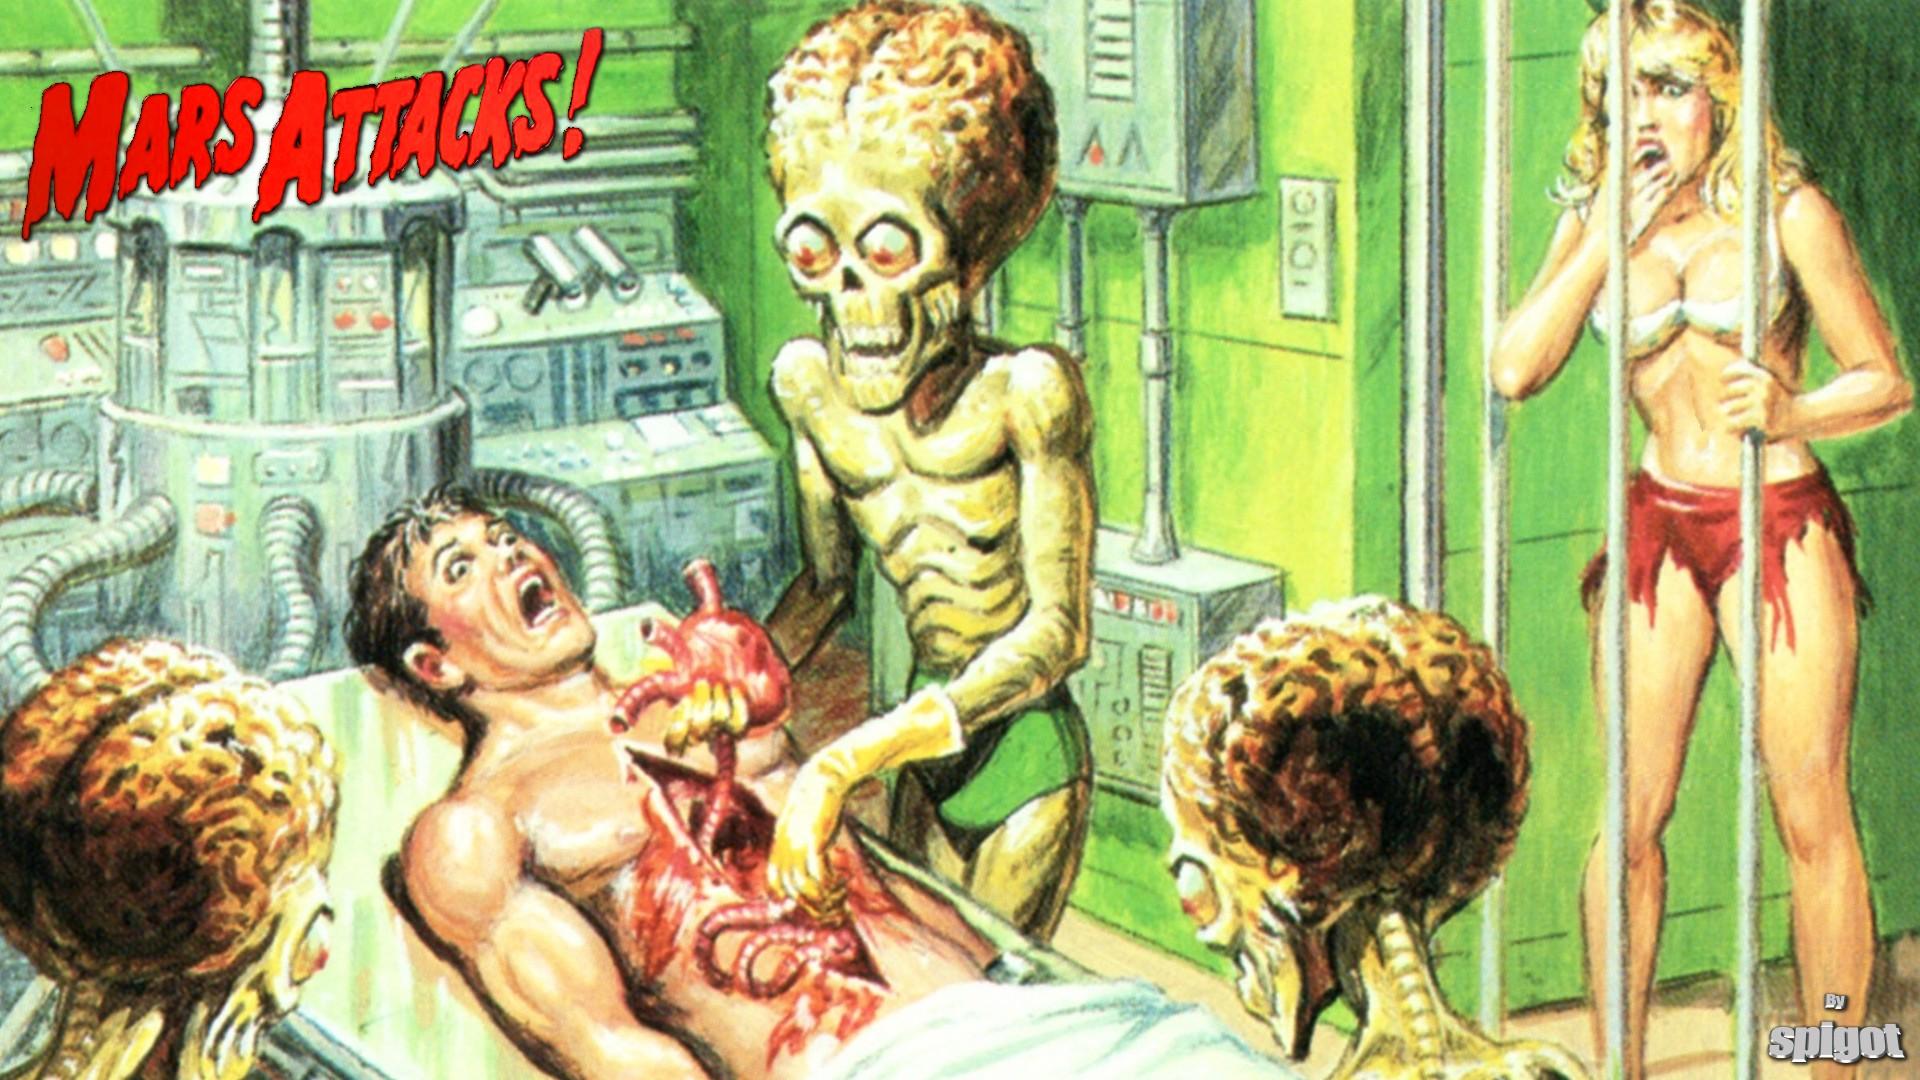 порно комиксы с инопланетянкой № 721295 бесплатно